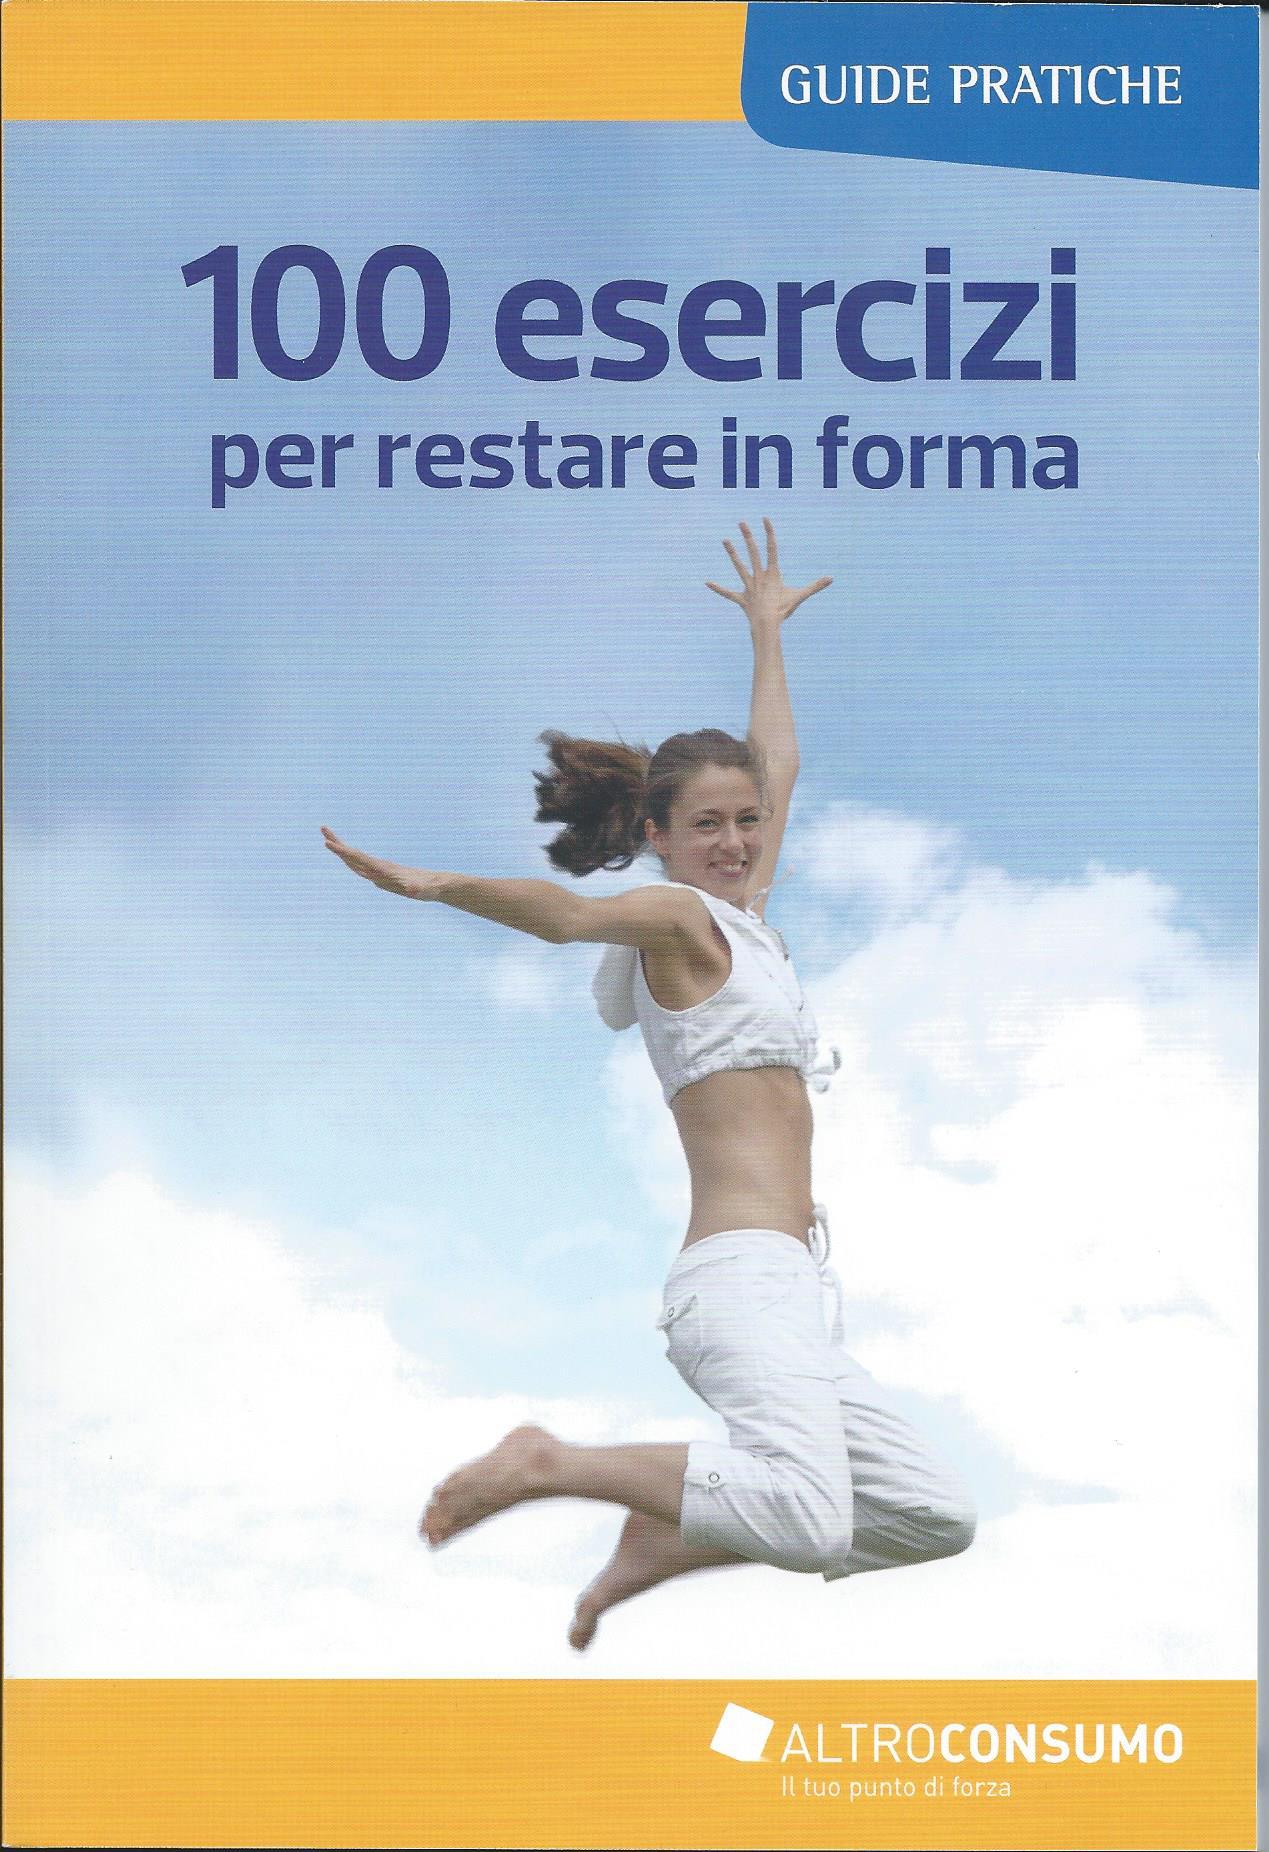 100 esercizi per restare in forma